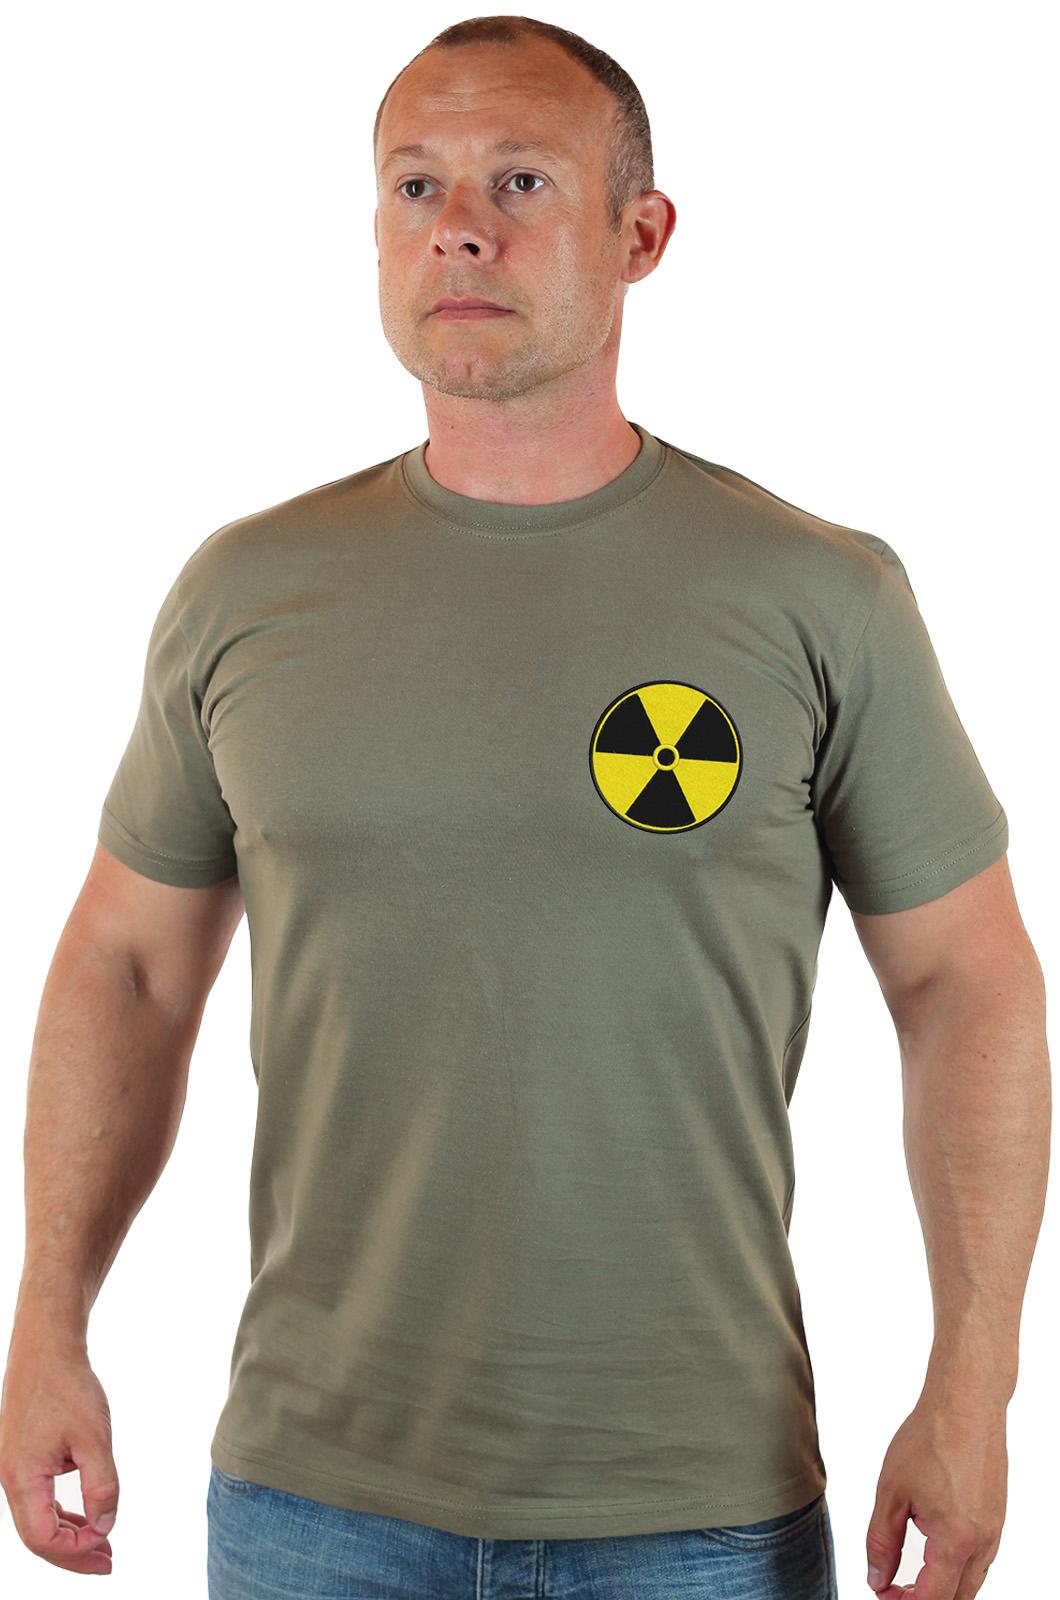 Мужская оливковая футболка с шевроном РАДИАЦИЯ